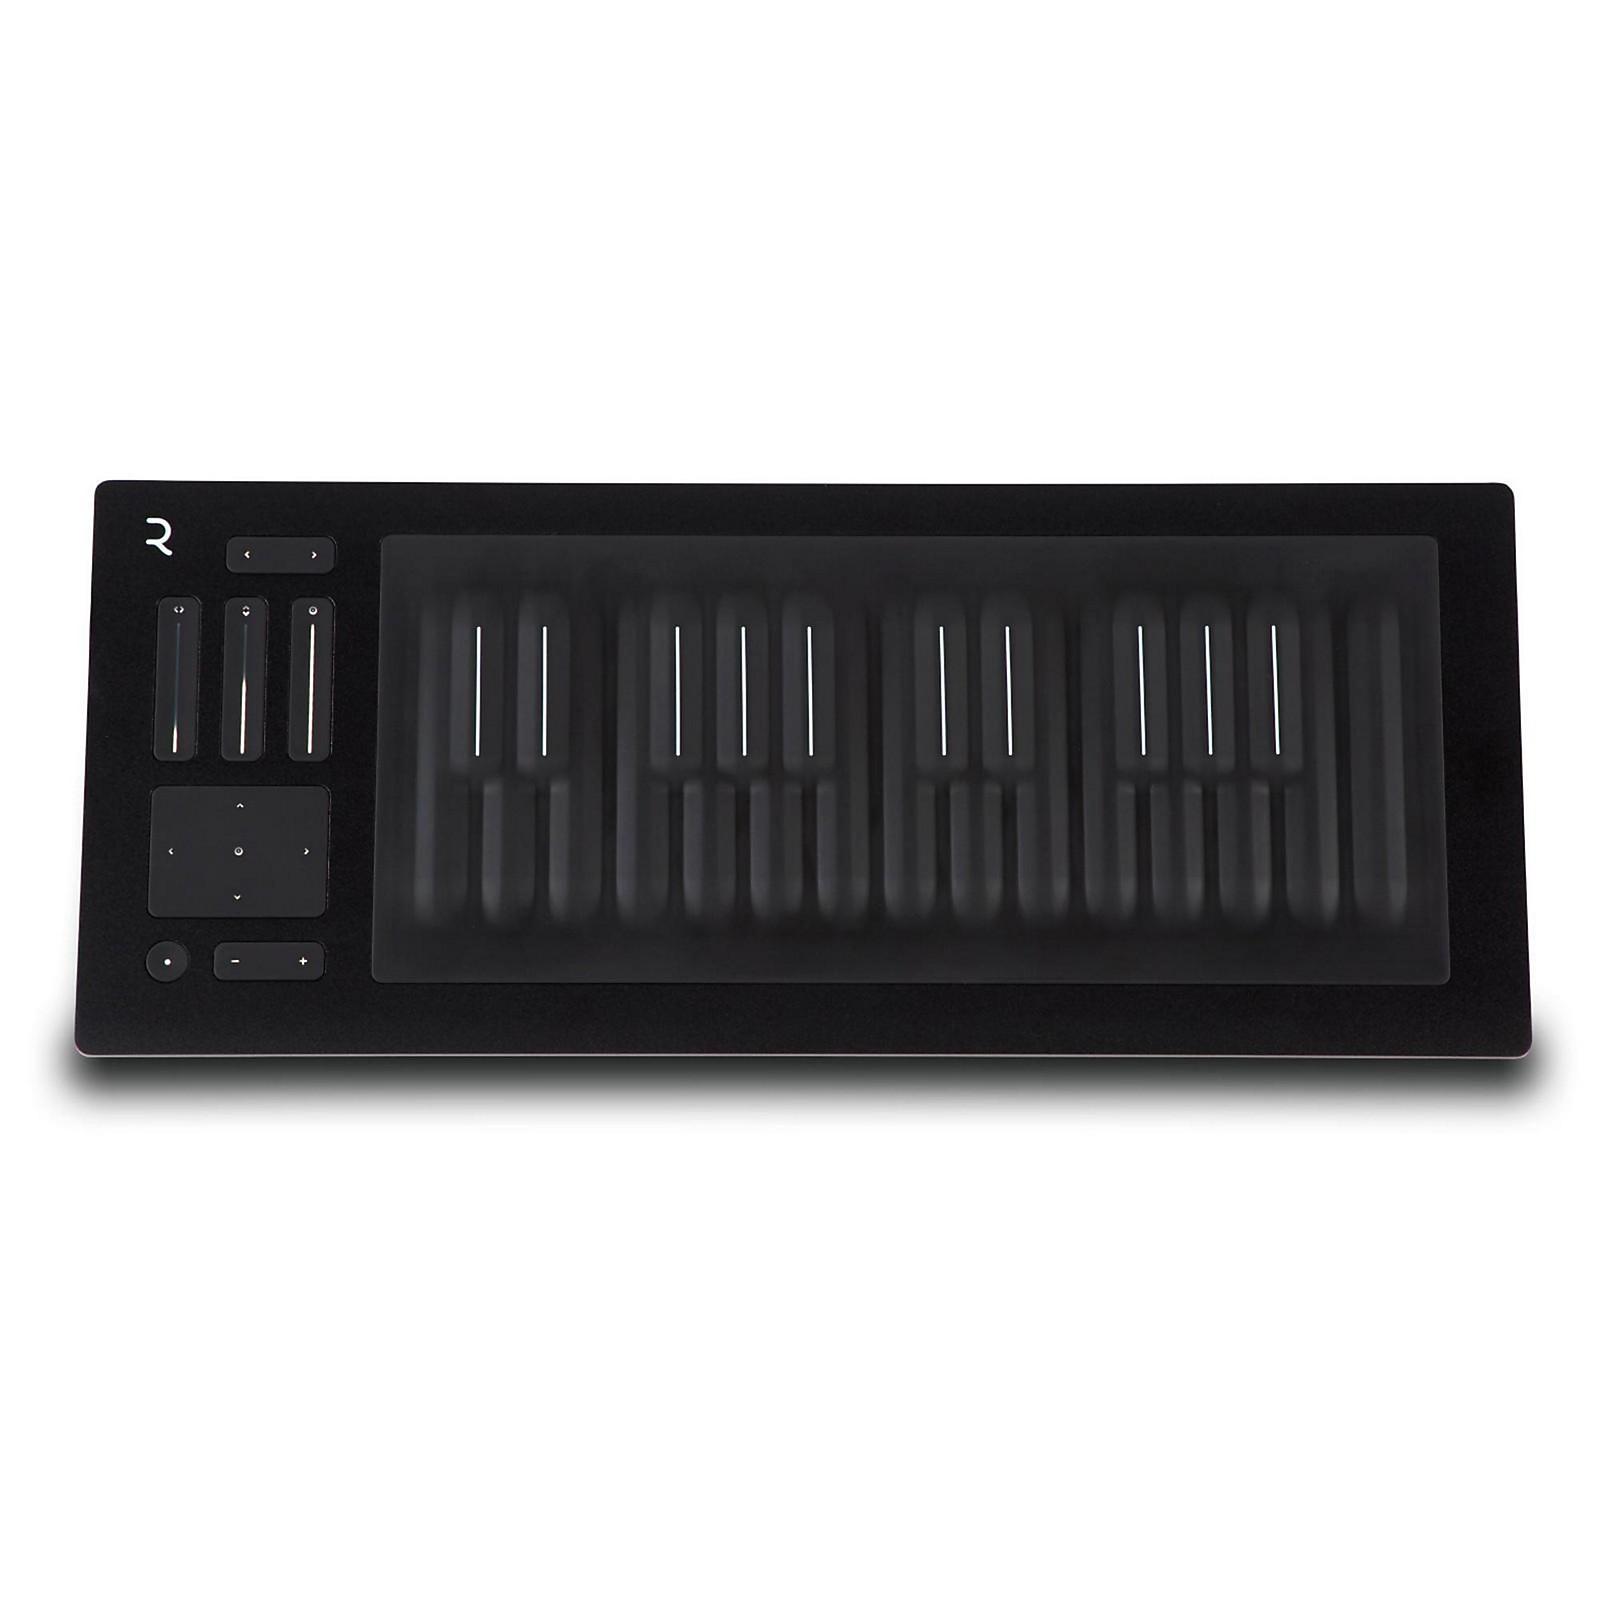 Open Box ROLI Seaboard RISE MIDI Controller